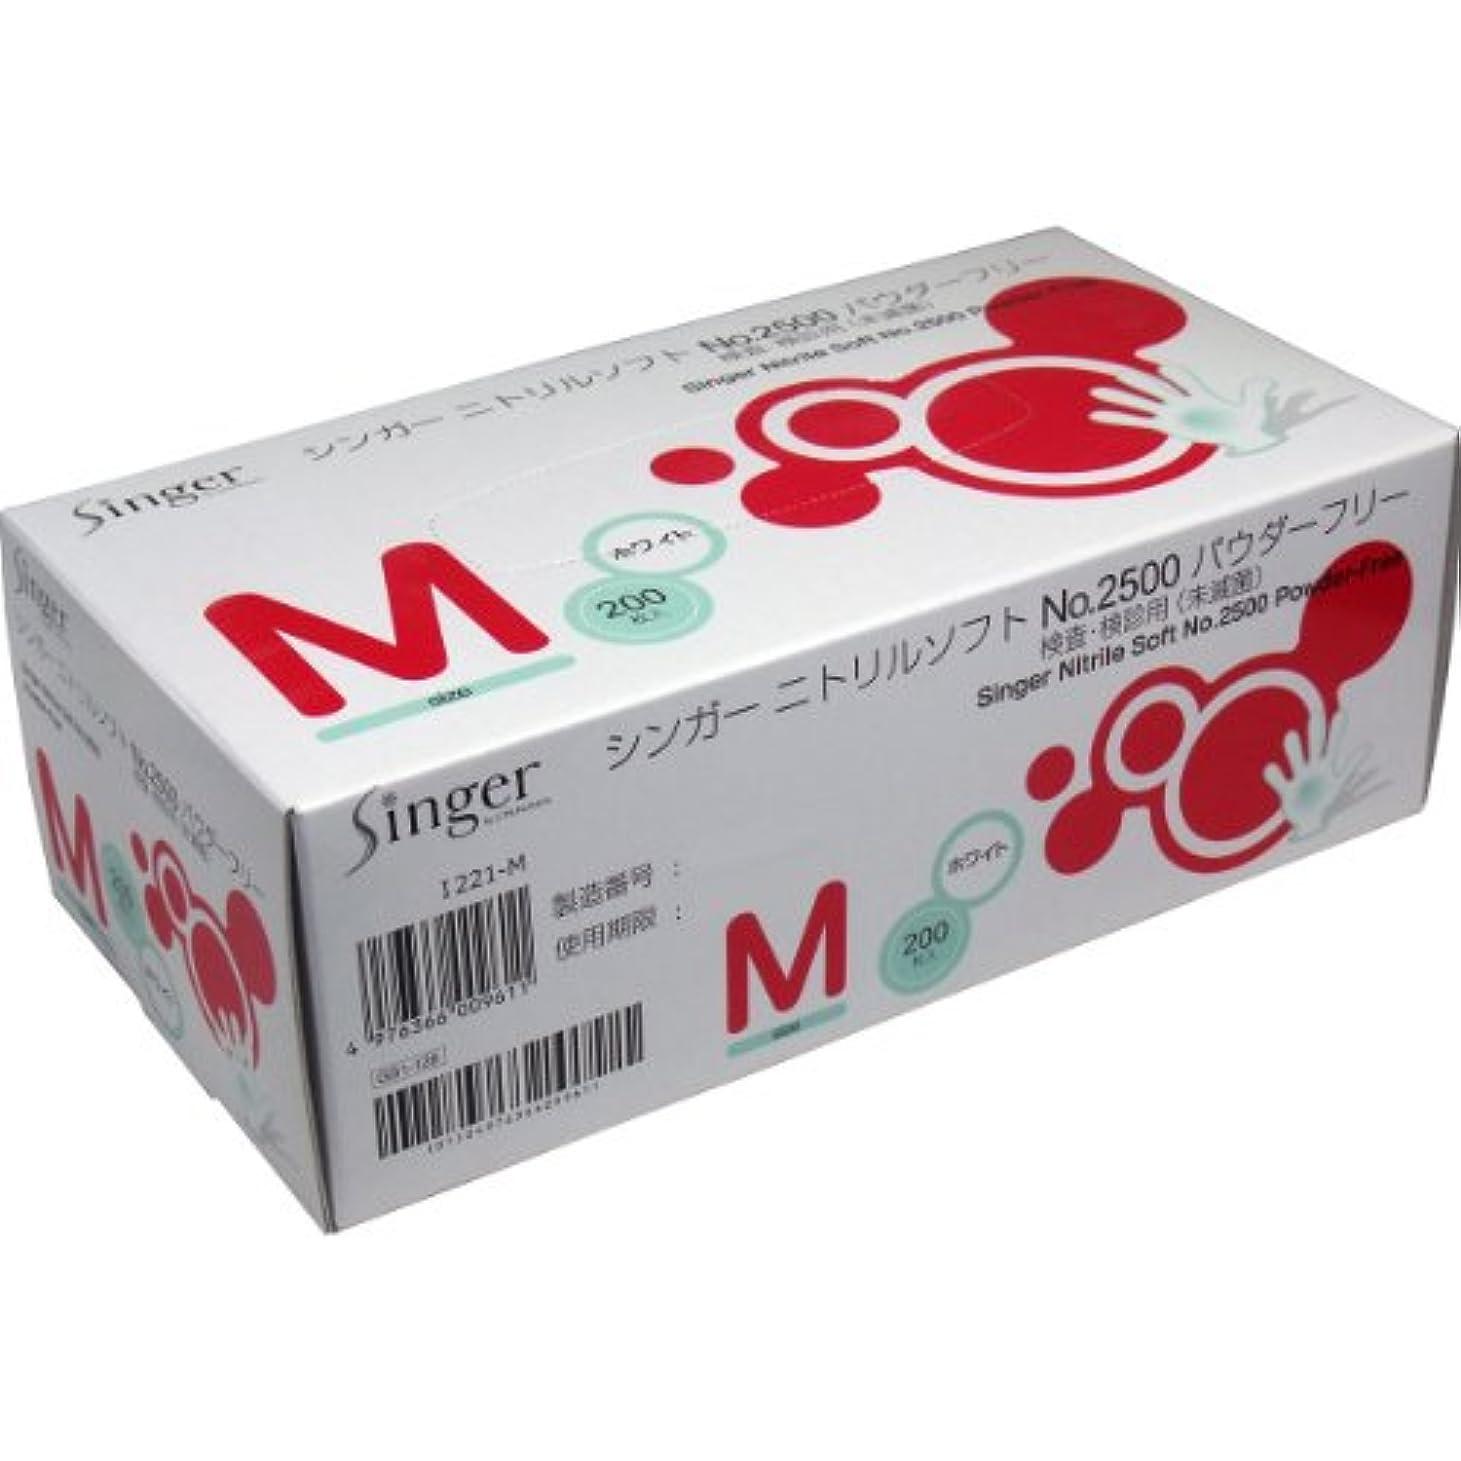 エピソード腐食する分類するシンガーニトリルソフト No.2500 パウダーフリー ホワイト Mサイズ 200枚